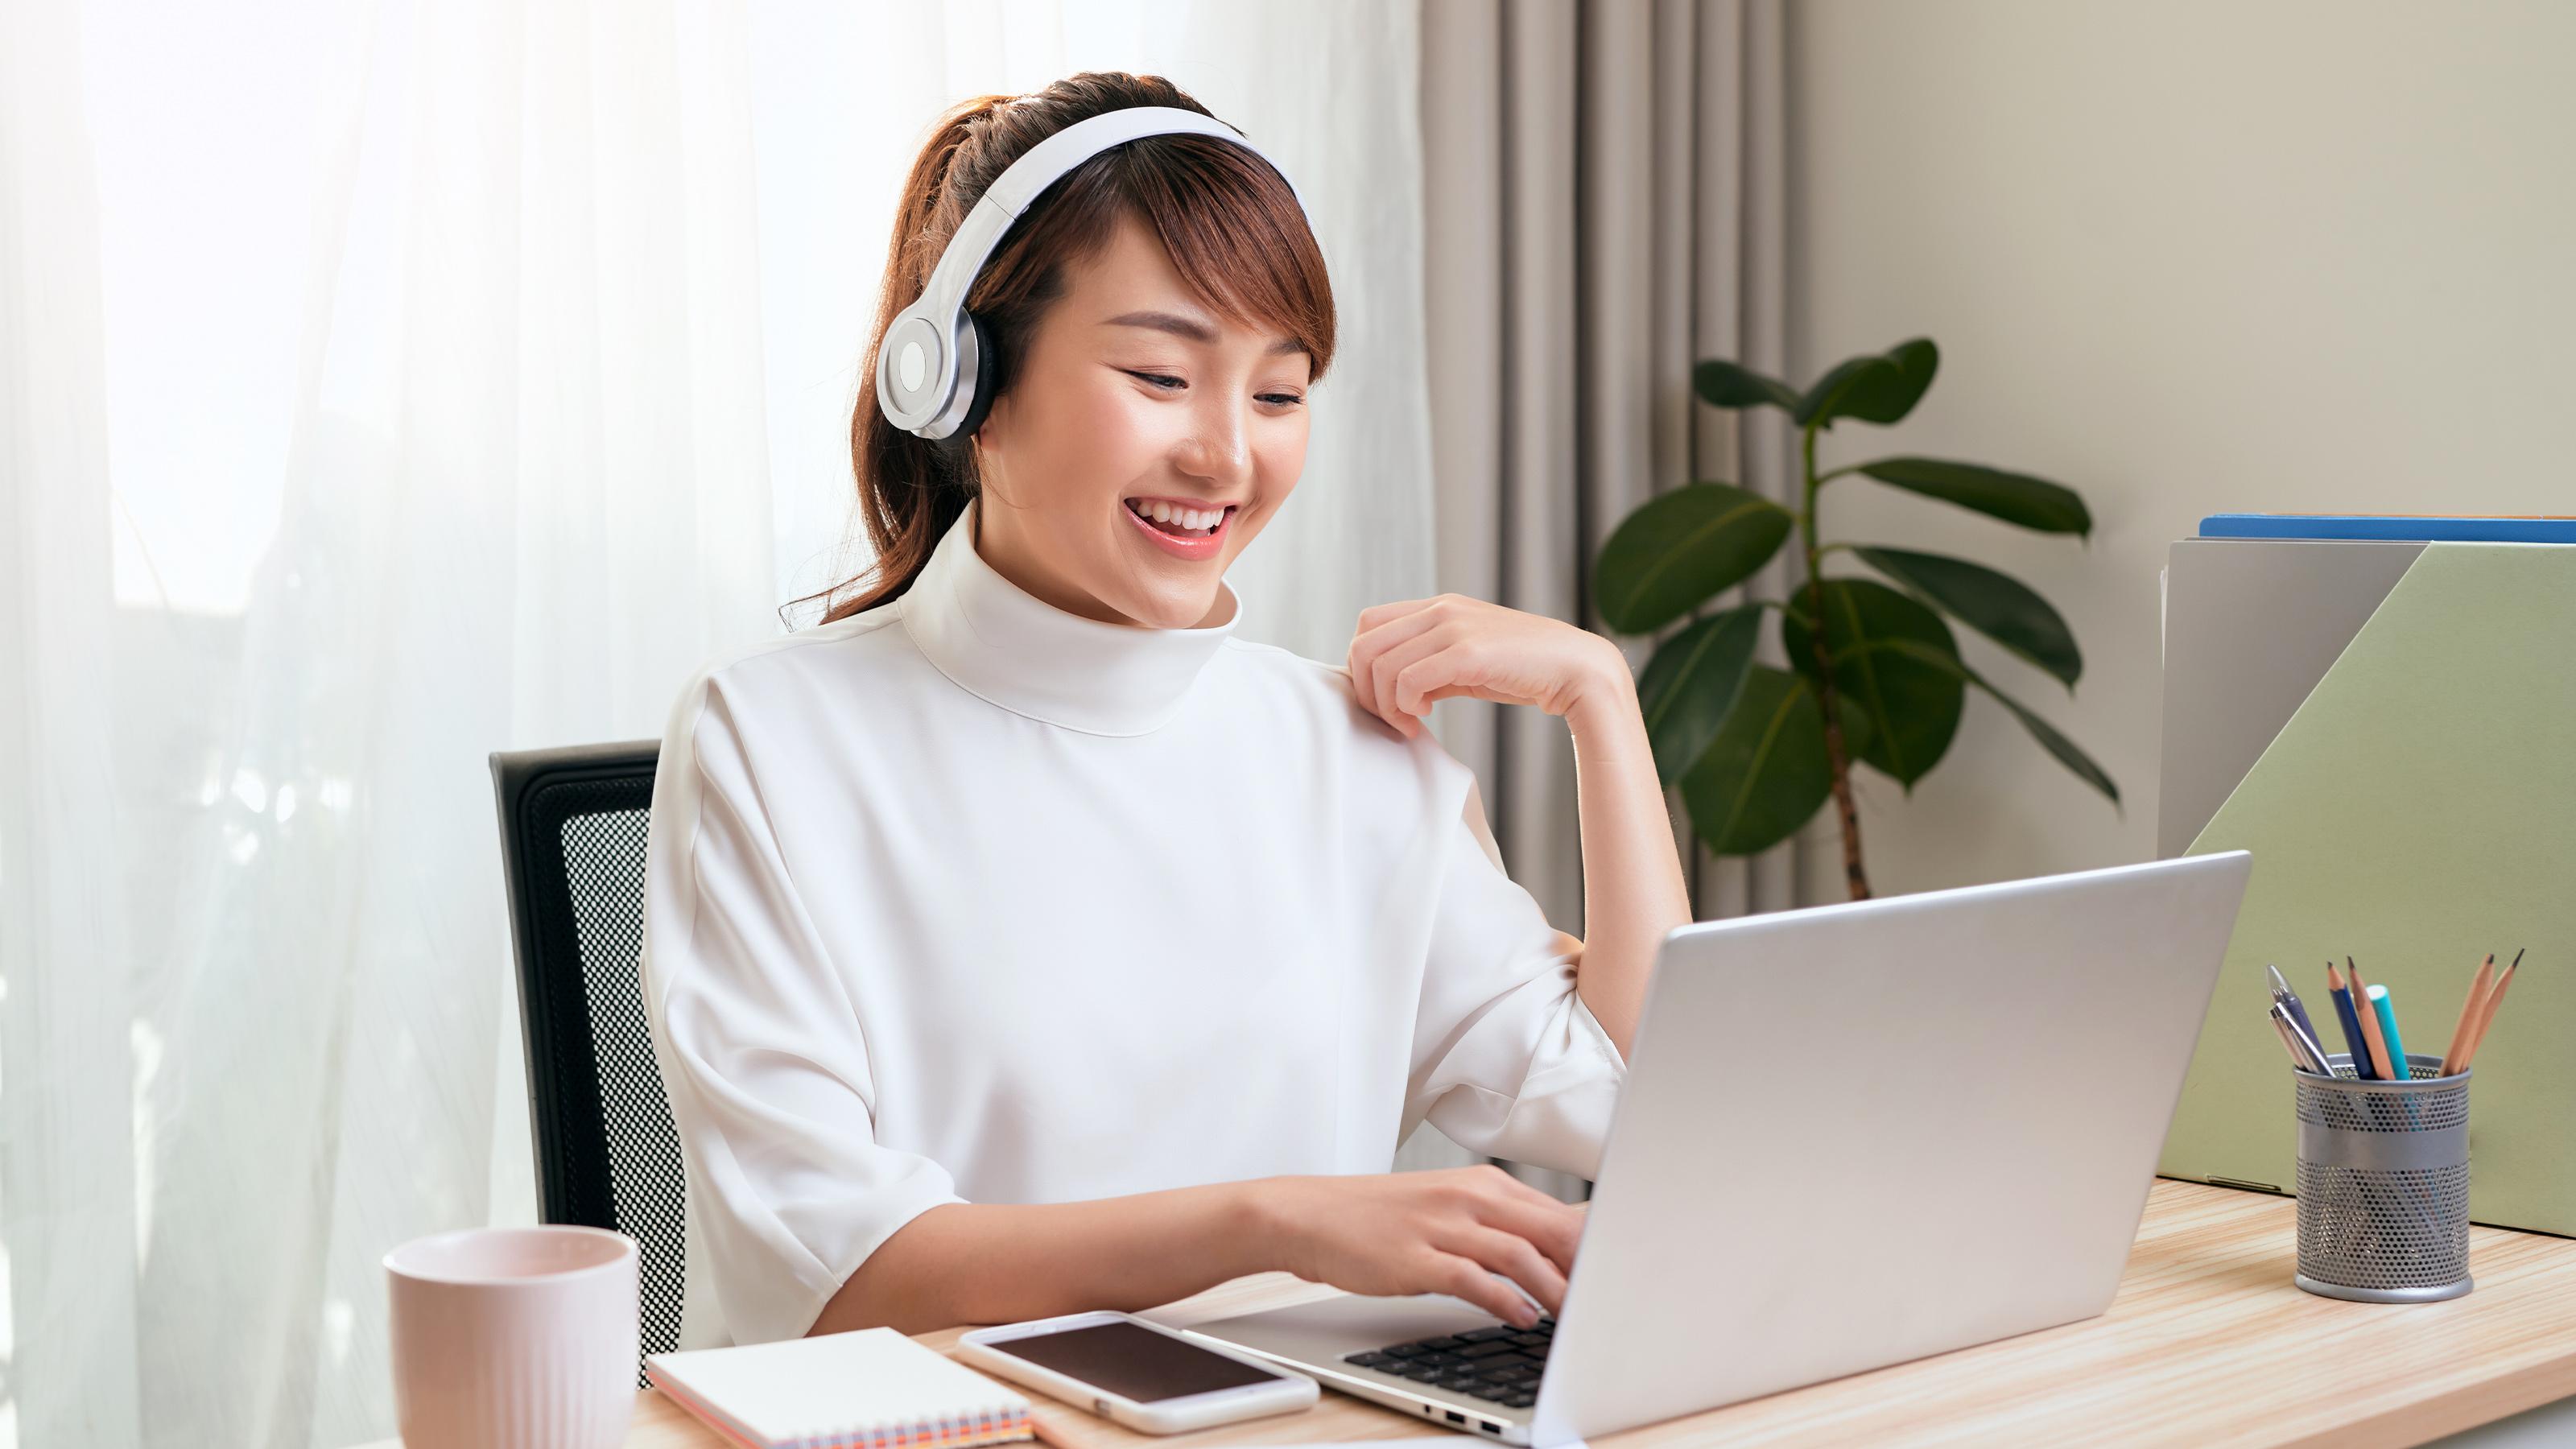 雲講堂-【生活應用】深度聆聽三部曲-如何抓住聽力重點